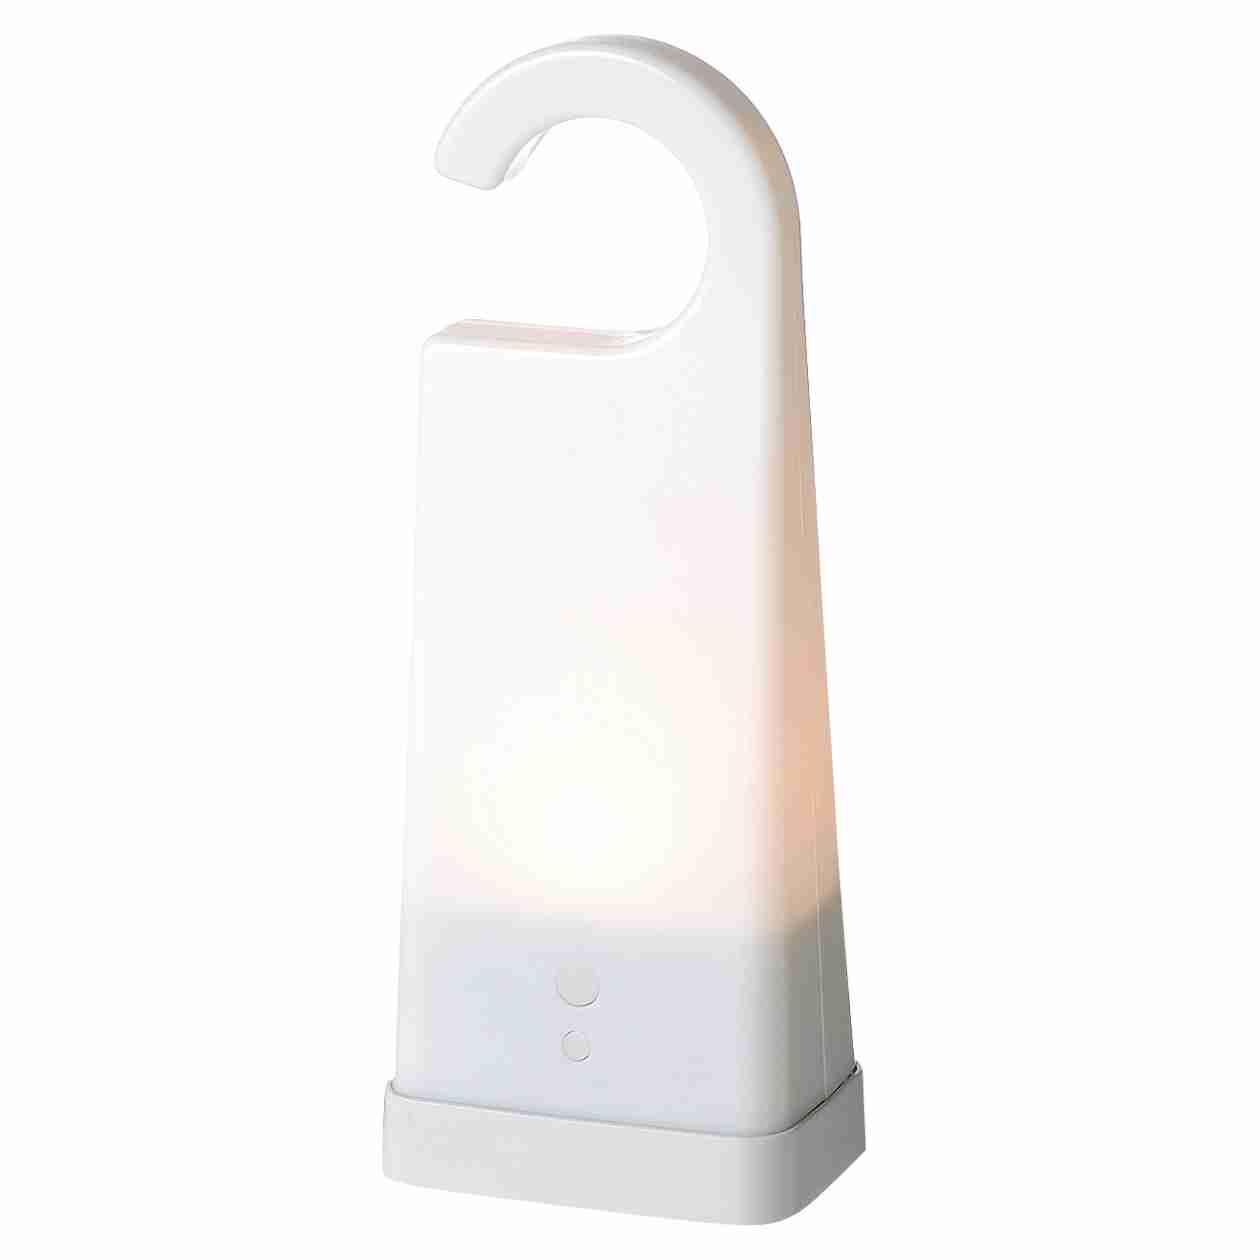 LED持ち運びできるあかり 型番:HCR‐81 | 無印良品ネットストア